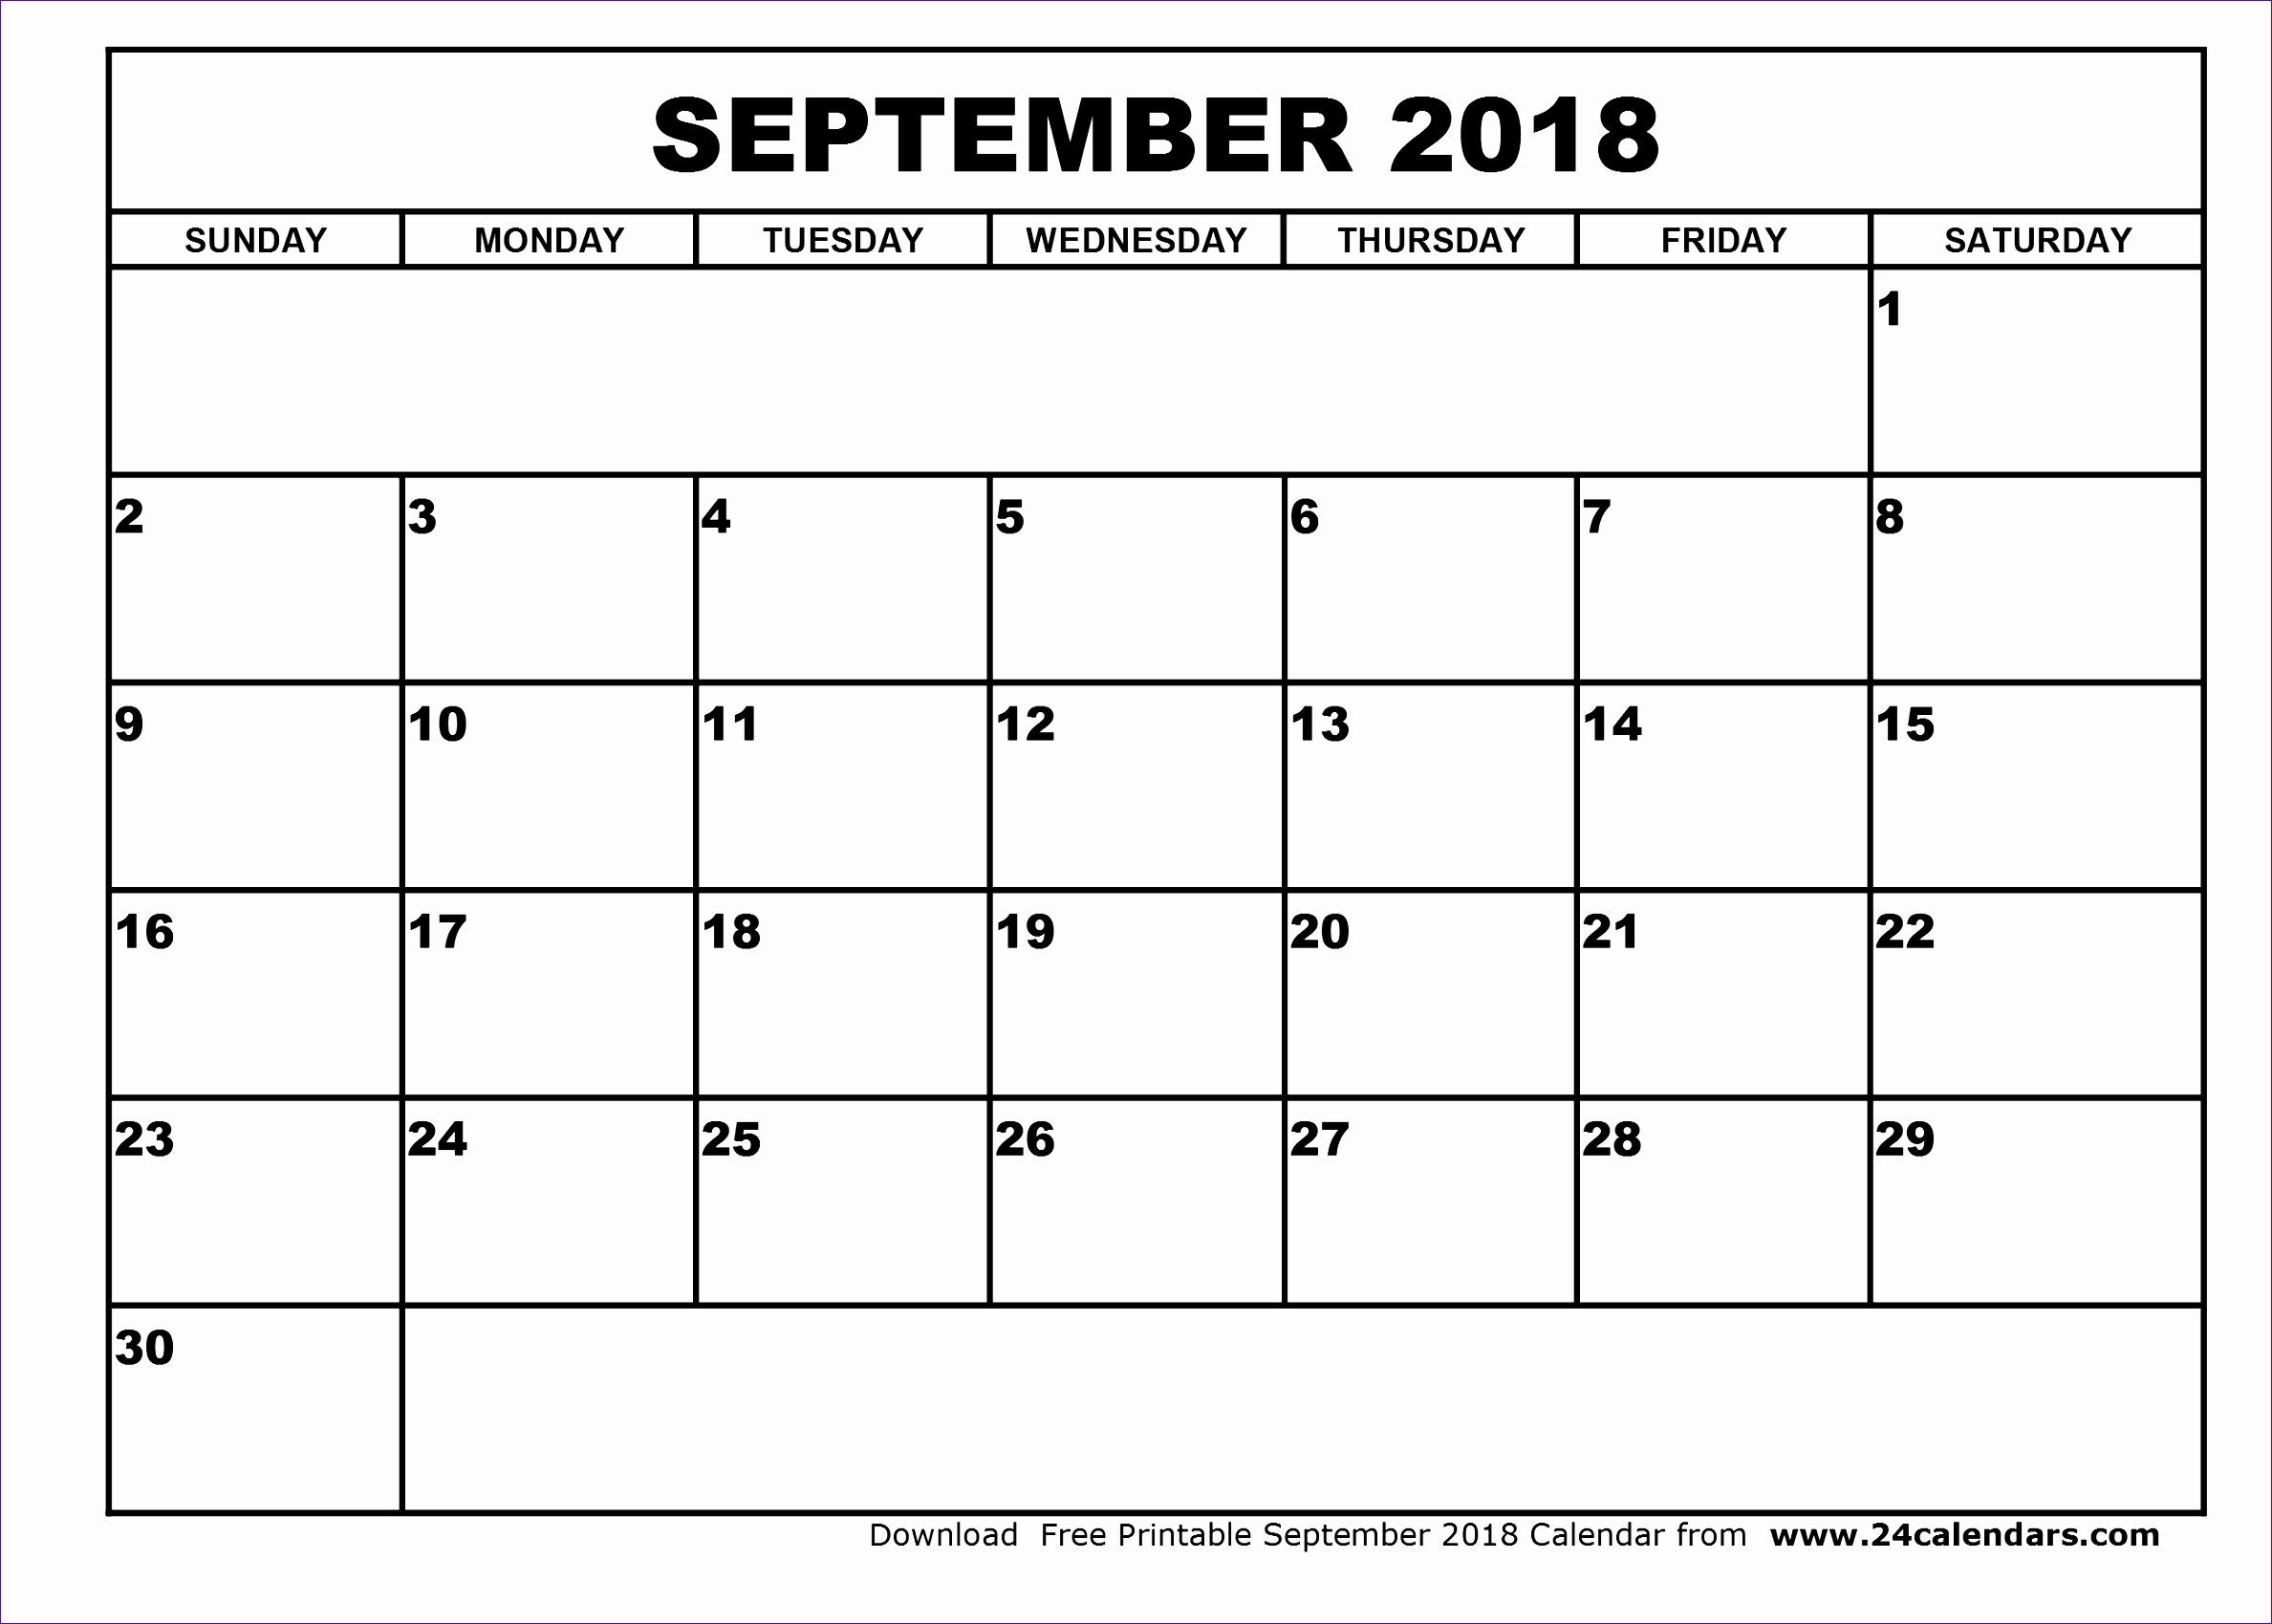 september 2018 calendar canada 3027 23771699